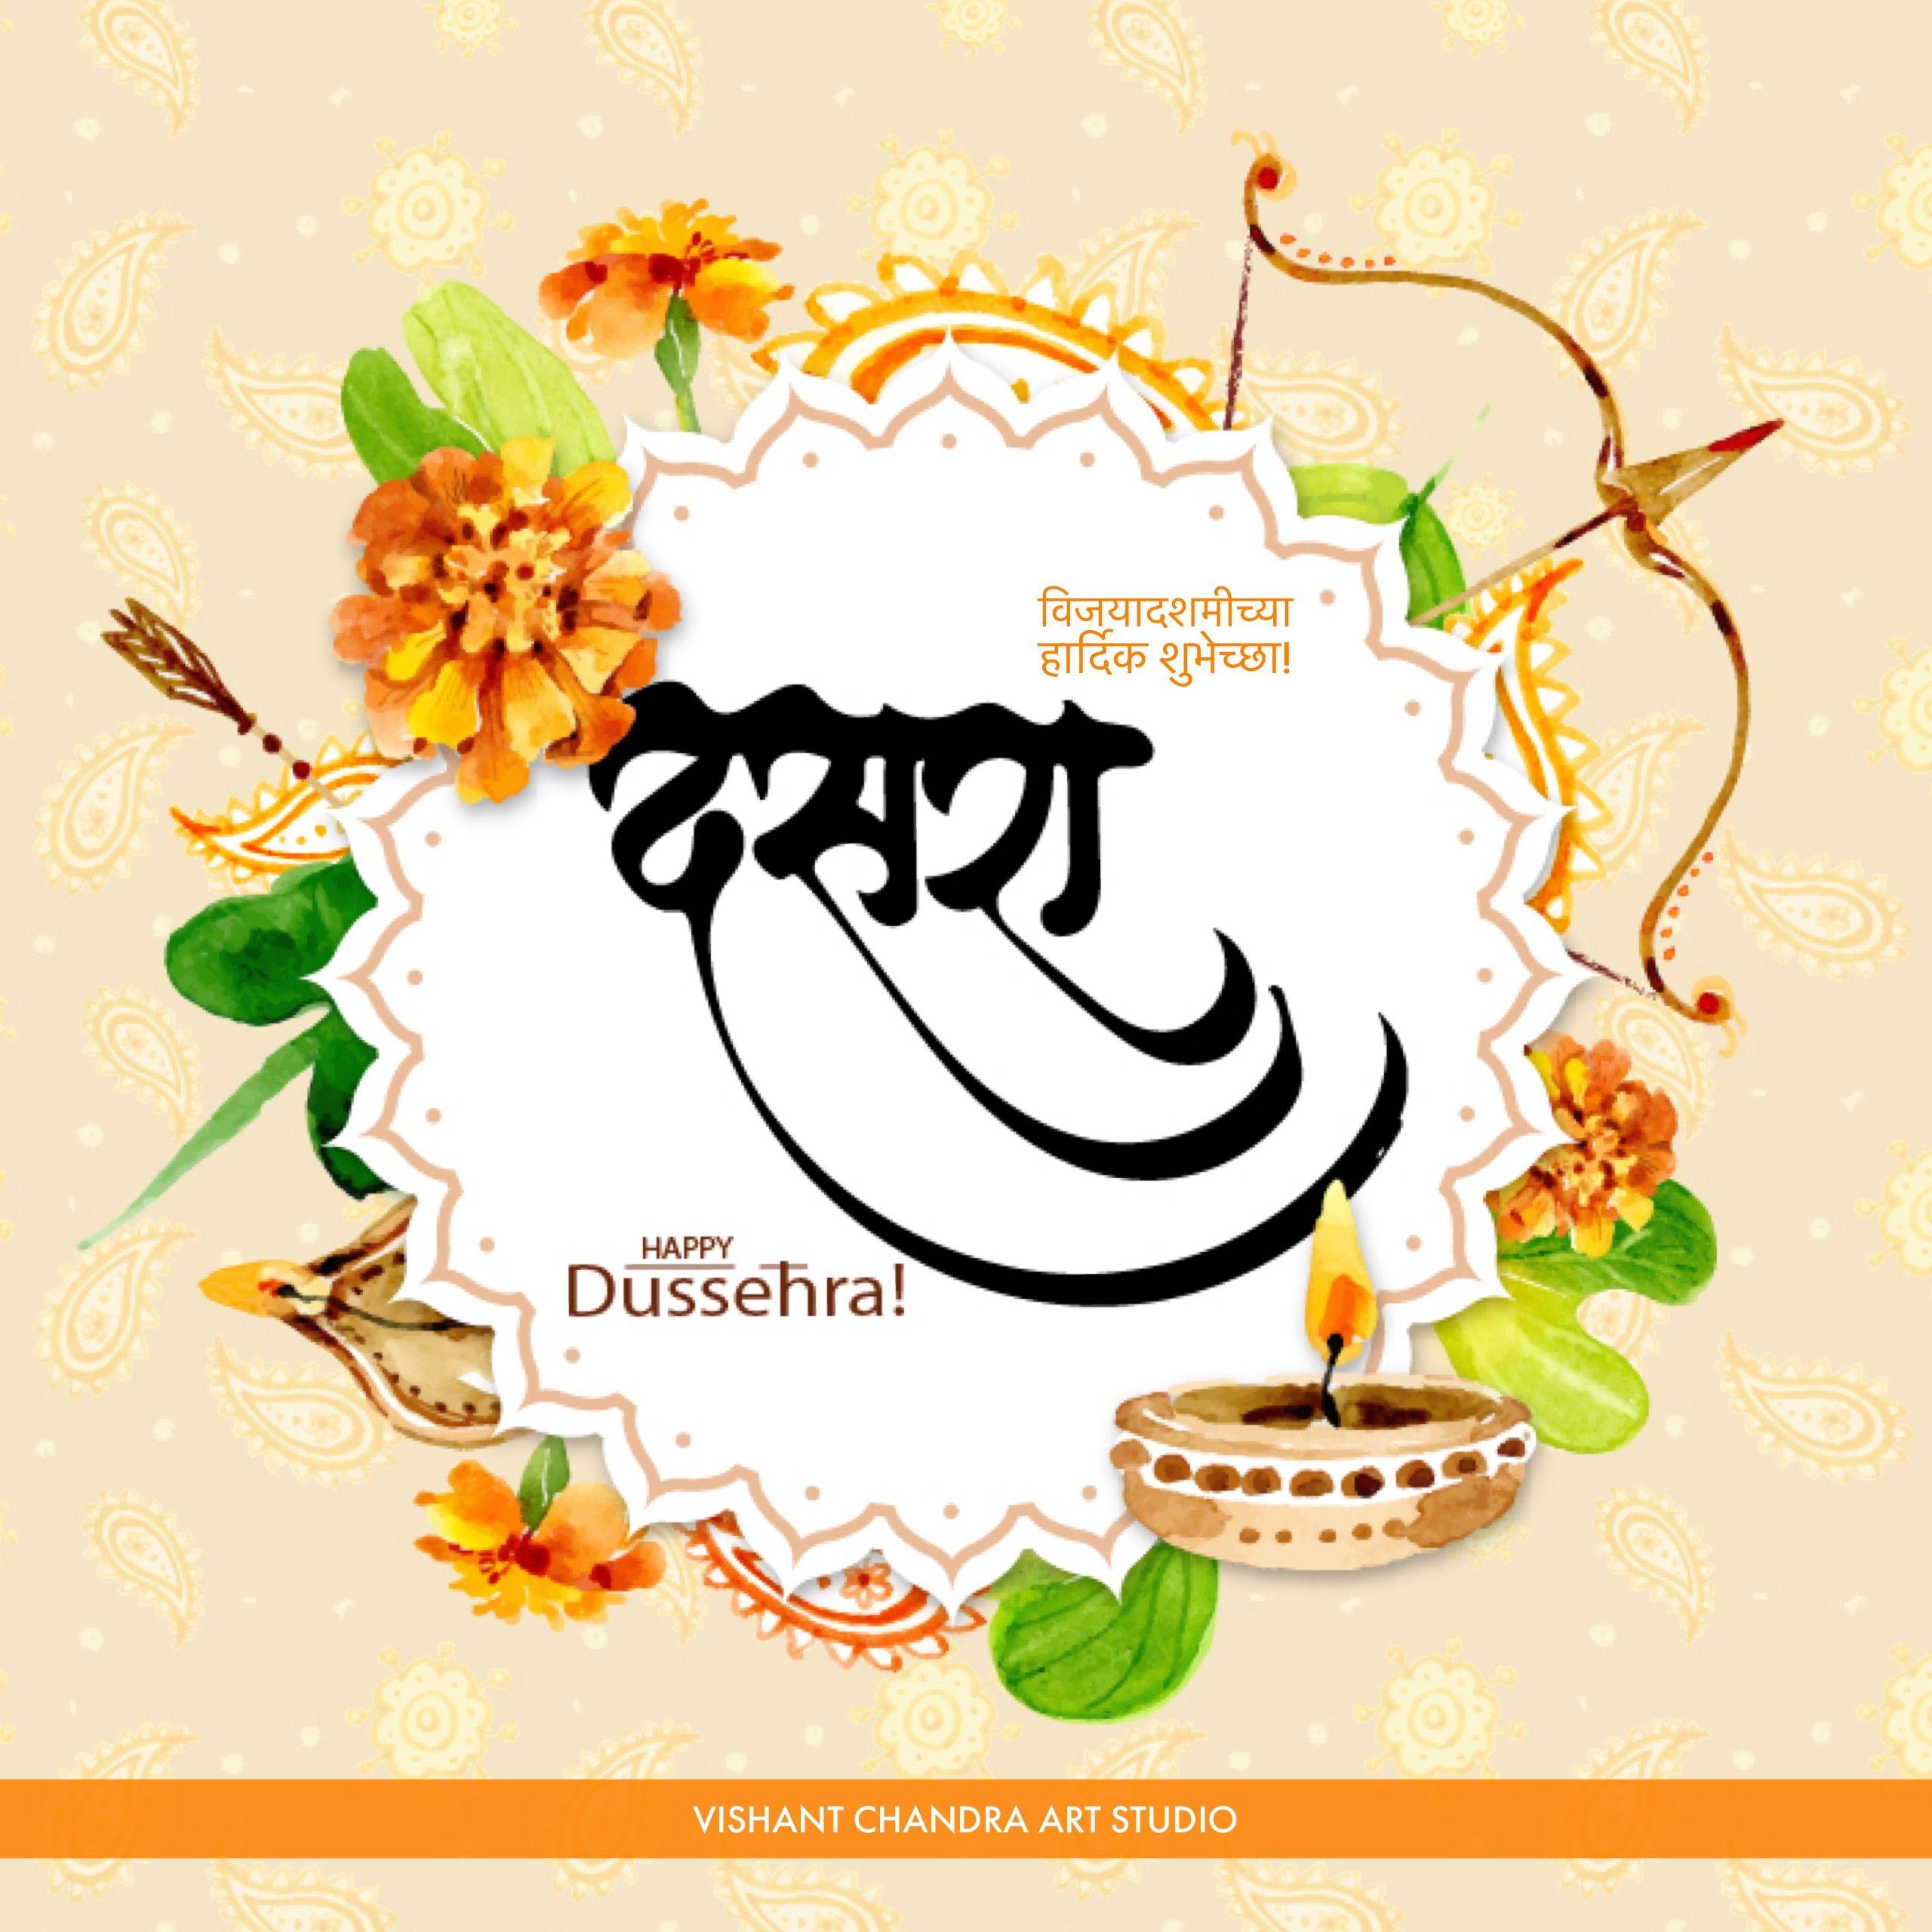 Marathi calligraphy by vishant chandra dasara greetings festival marathi calligraphy by vishant chandra dasara greetings festival m4hsunfo